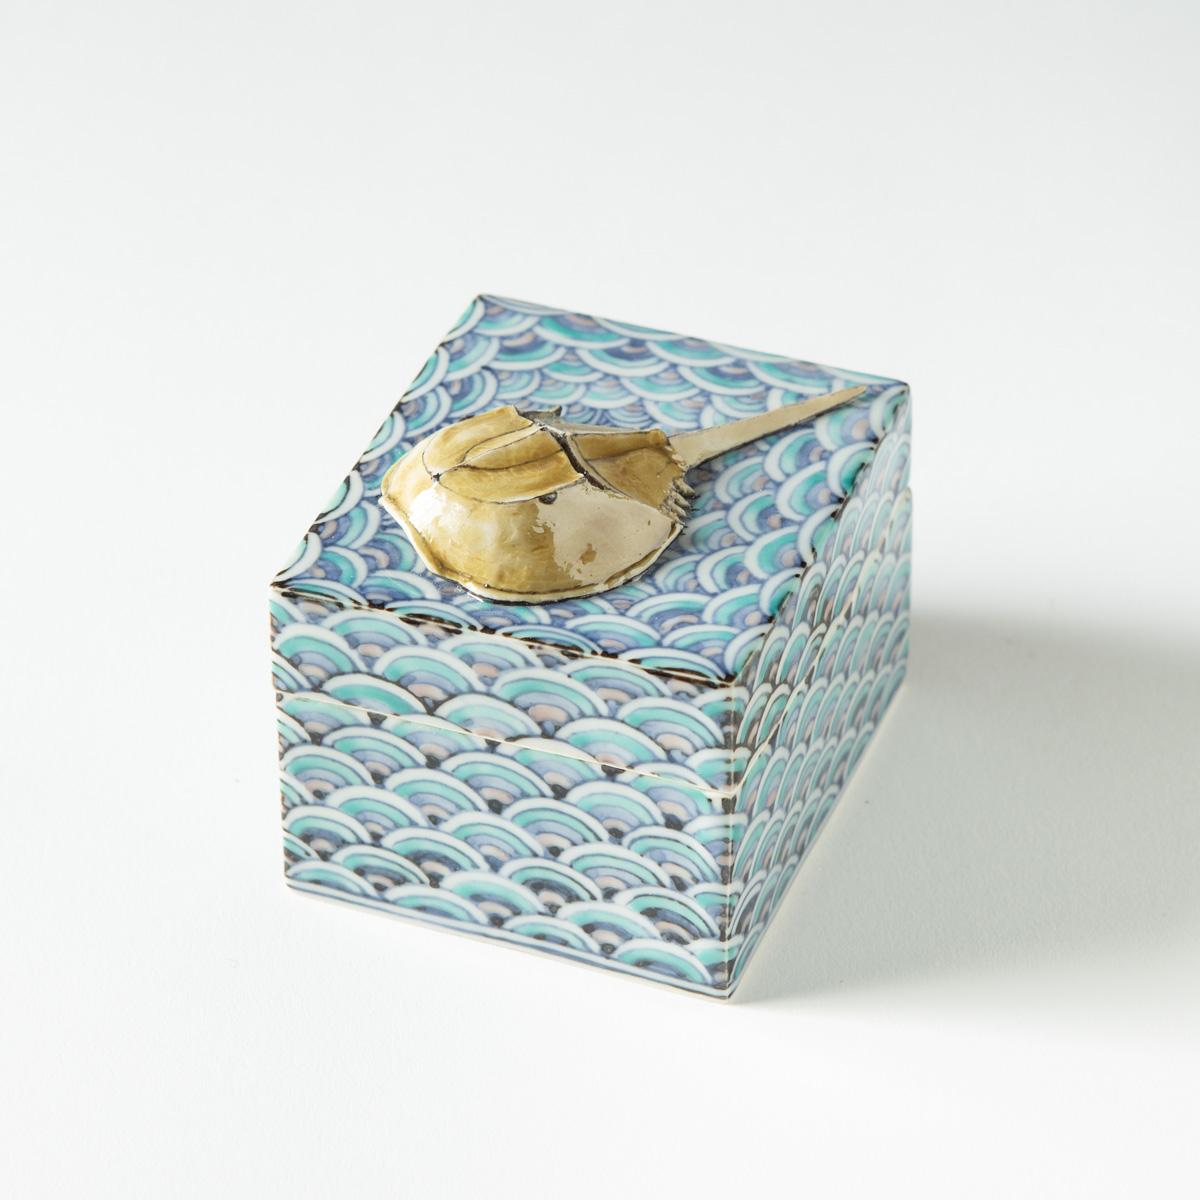 King crab box, Kensuke Fujiyoshi